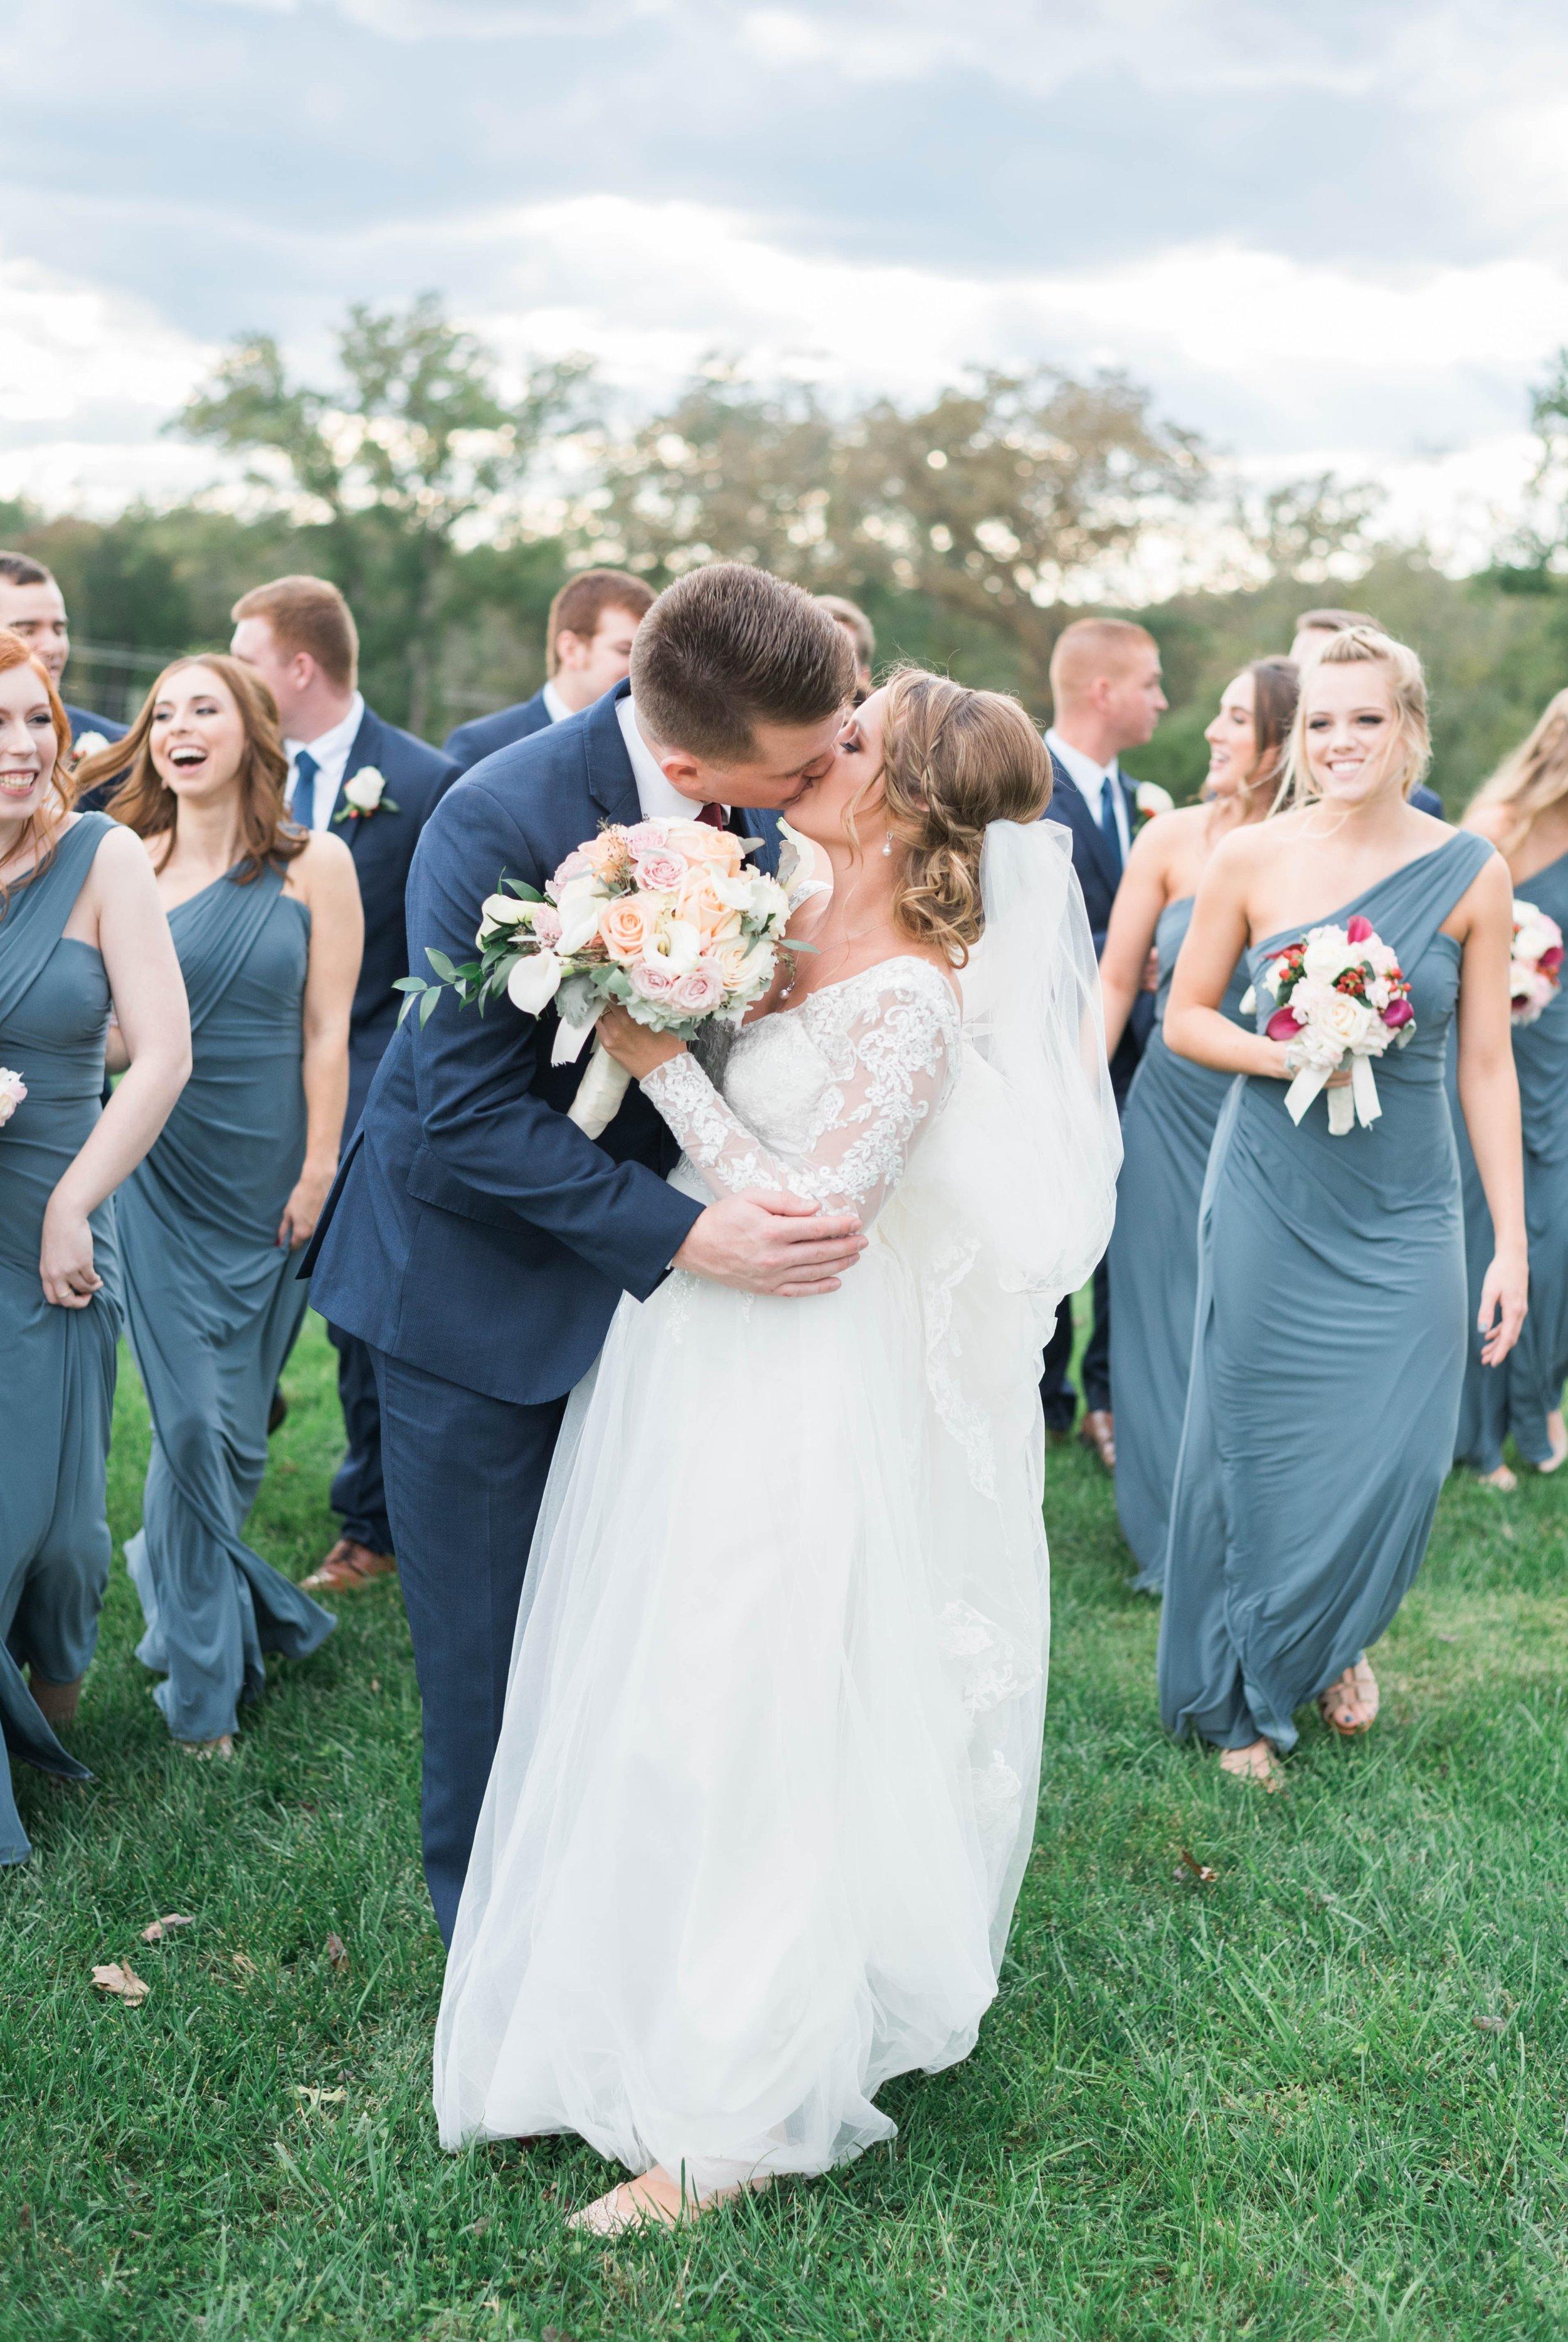 GrantElizabeth_wineryatbullrun_DCwedding_Virginiaweddingphotographer 41.jpg